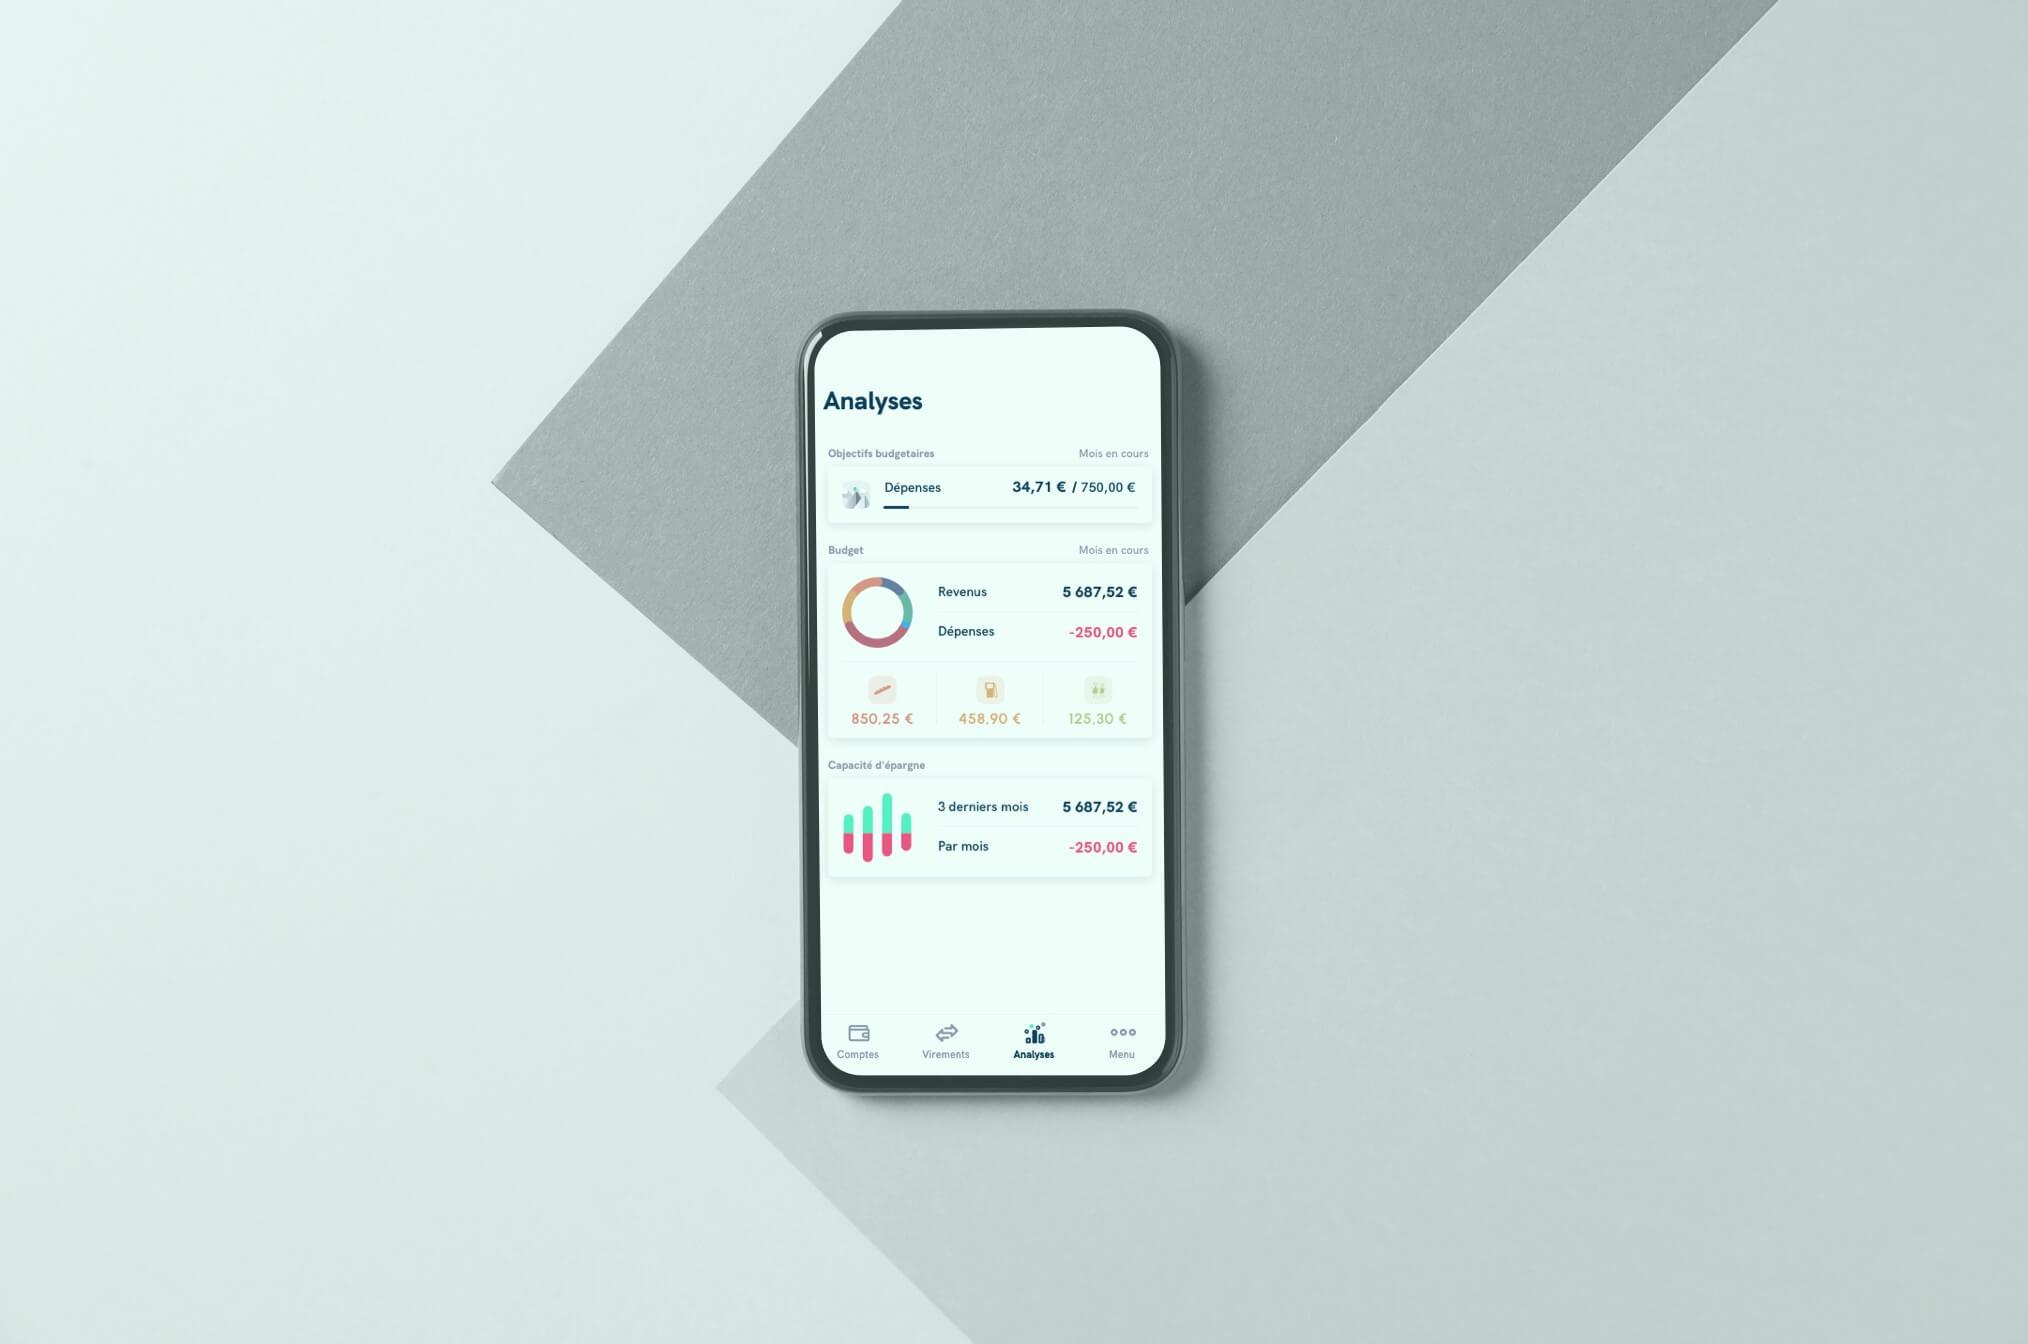 Une expérience utilisateur simple, unique et intuitive